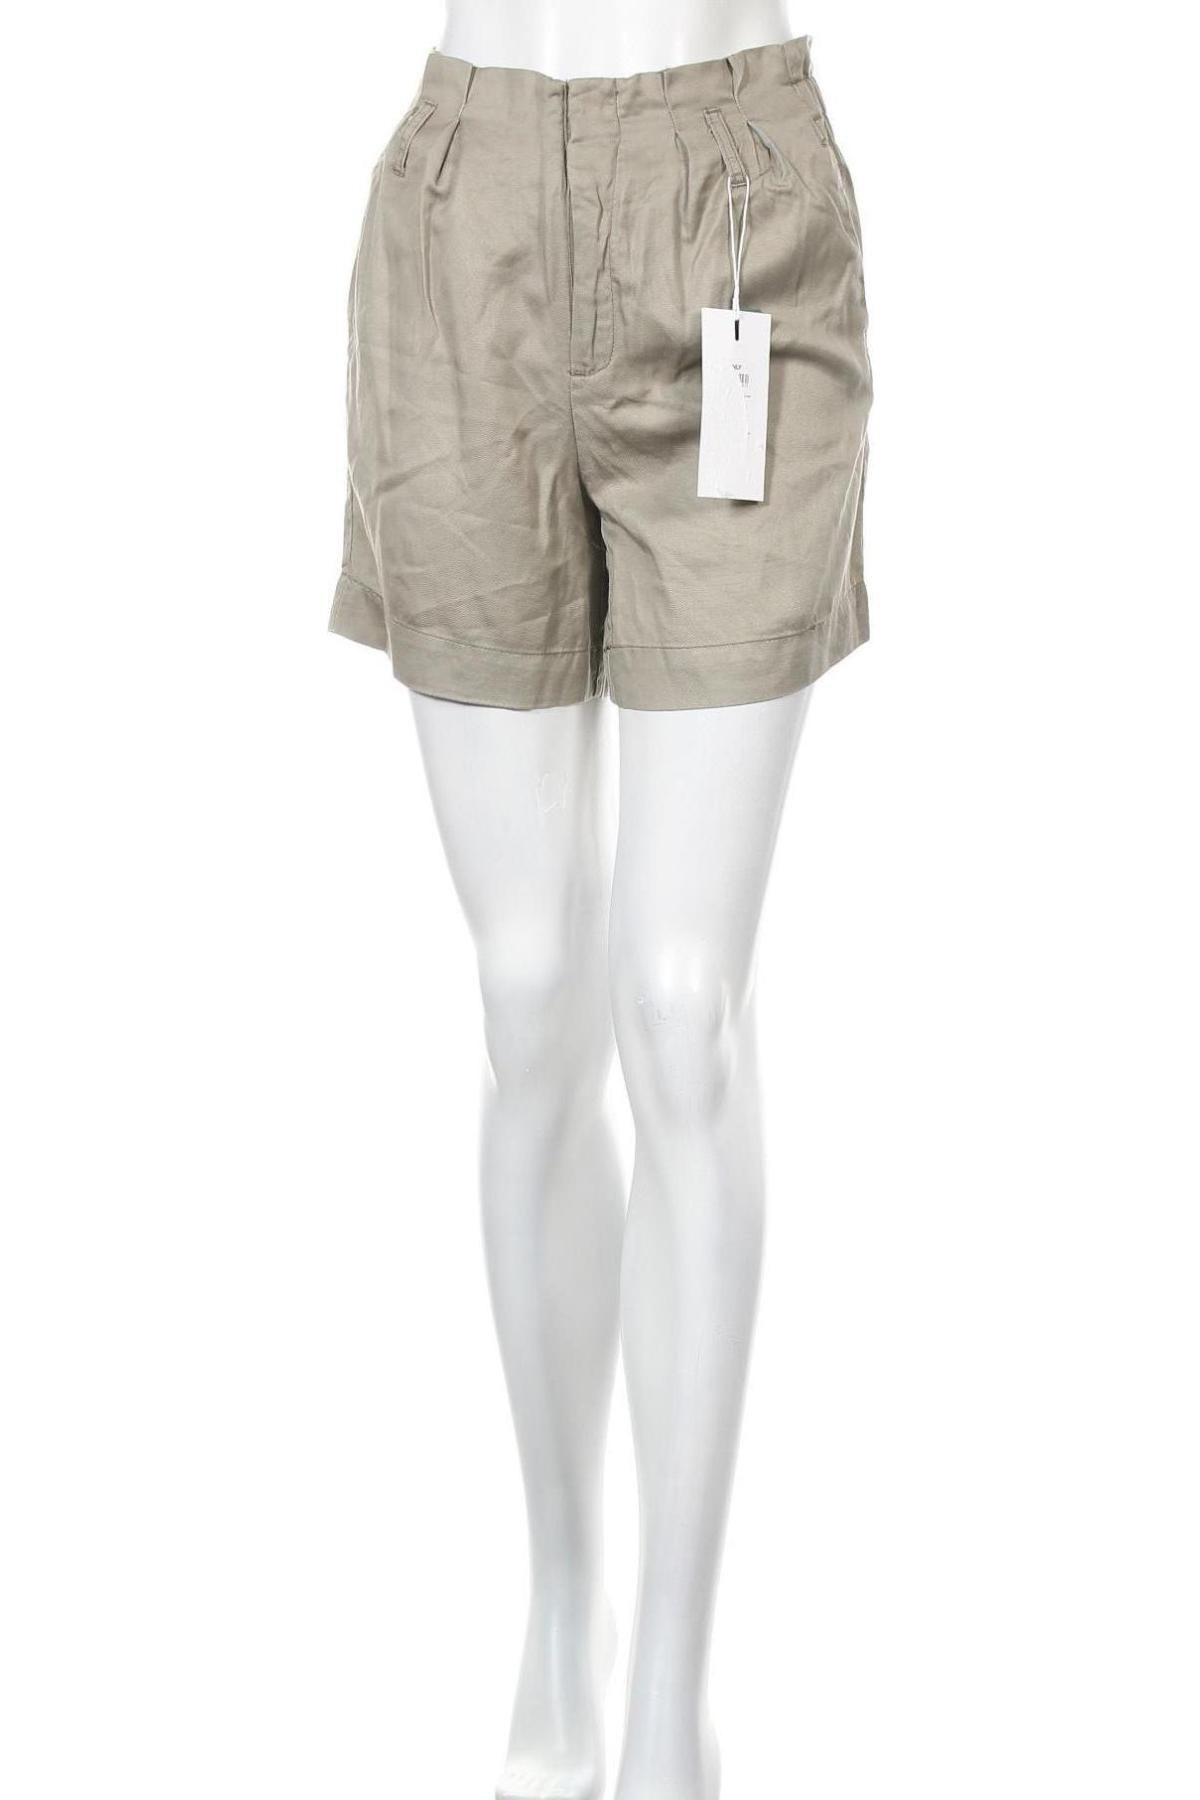 Γυναικείο κοντό παντελόνι ONLY, Μέγεθος XS, Χρώμα Πράσινο, Lyocell, Τιμή 12,53€